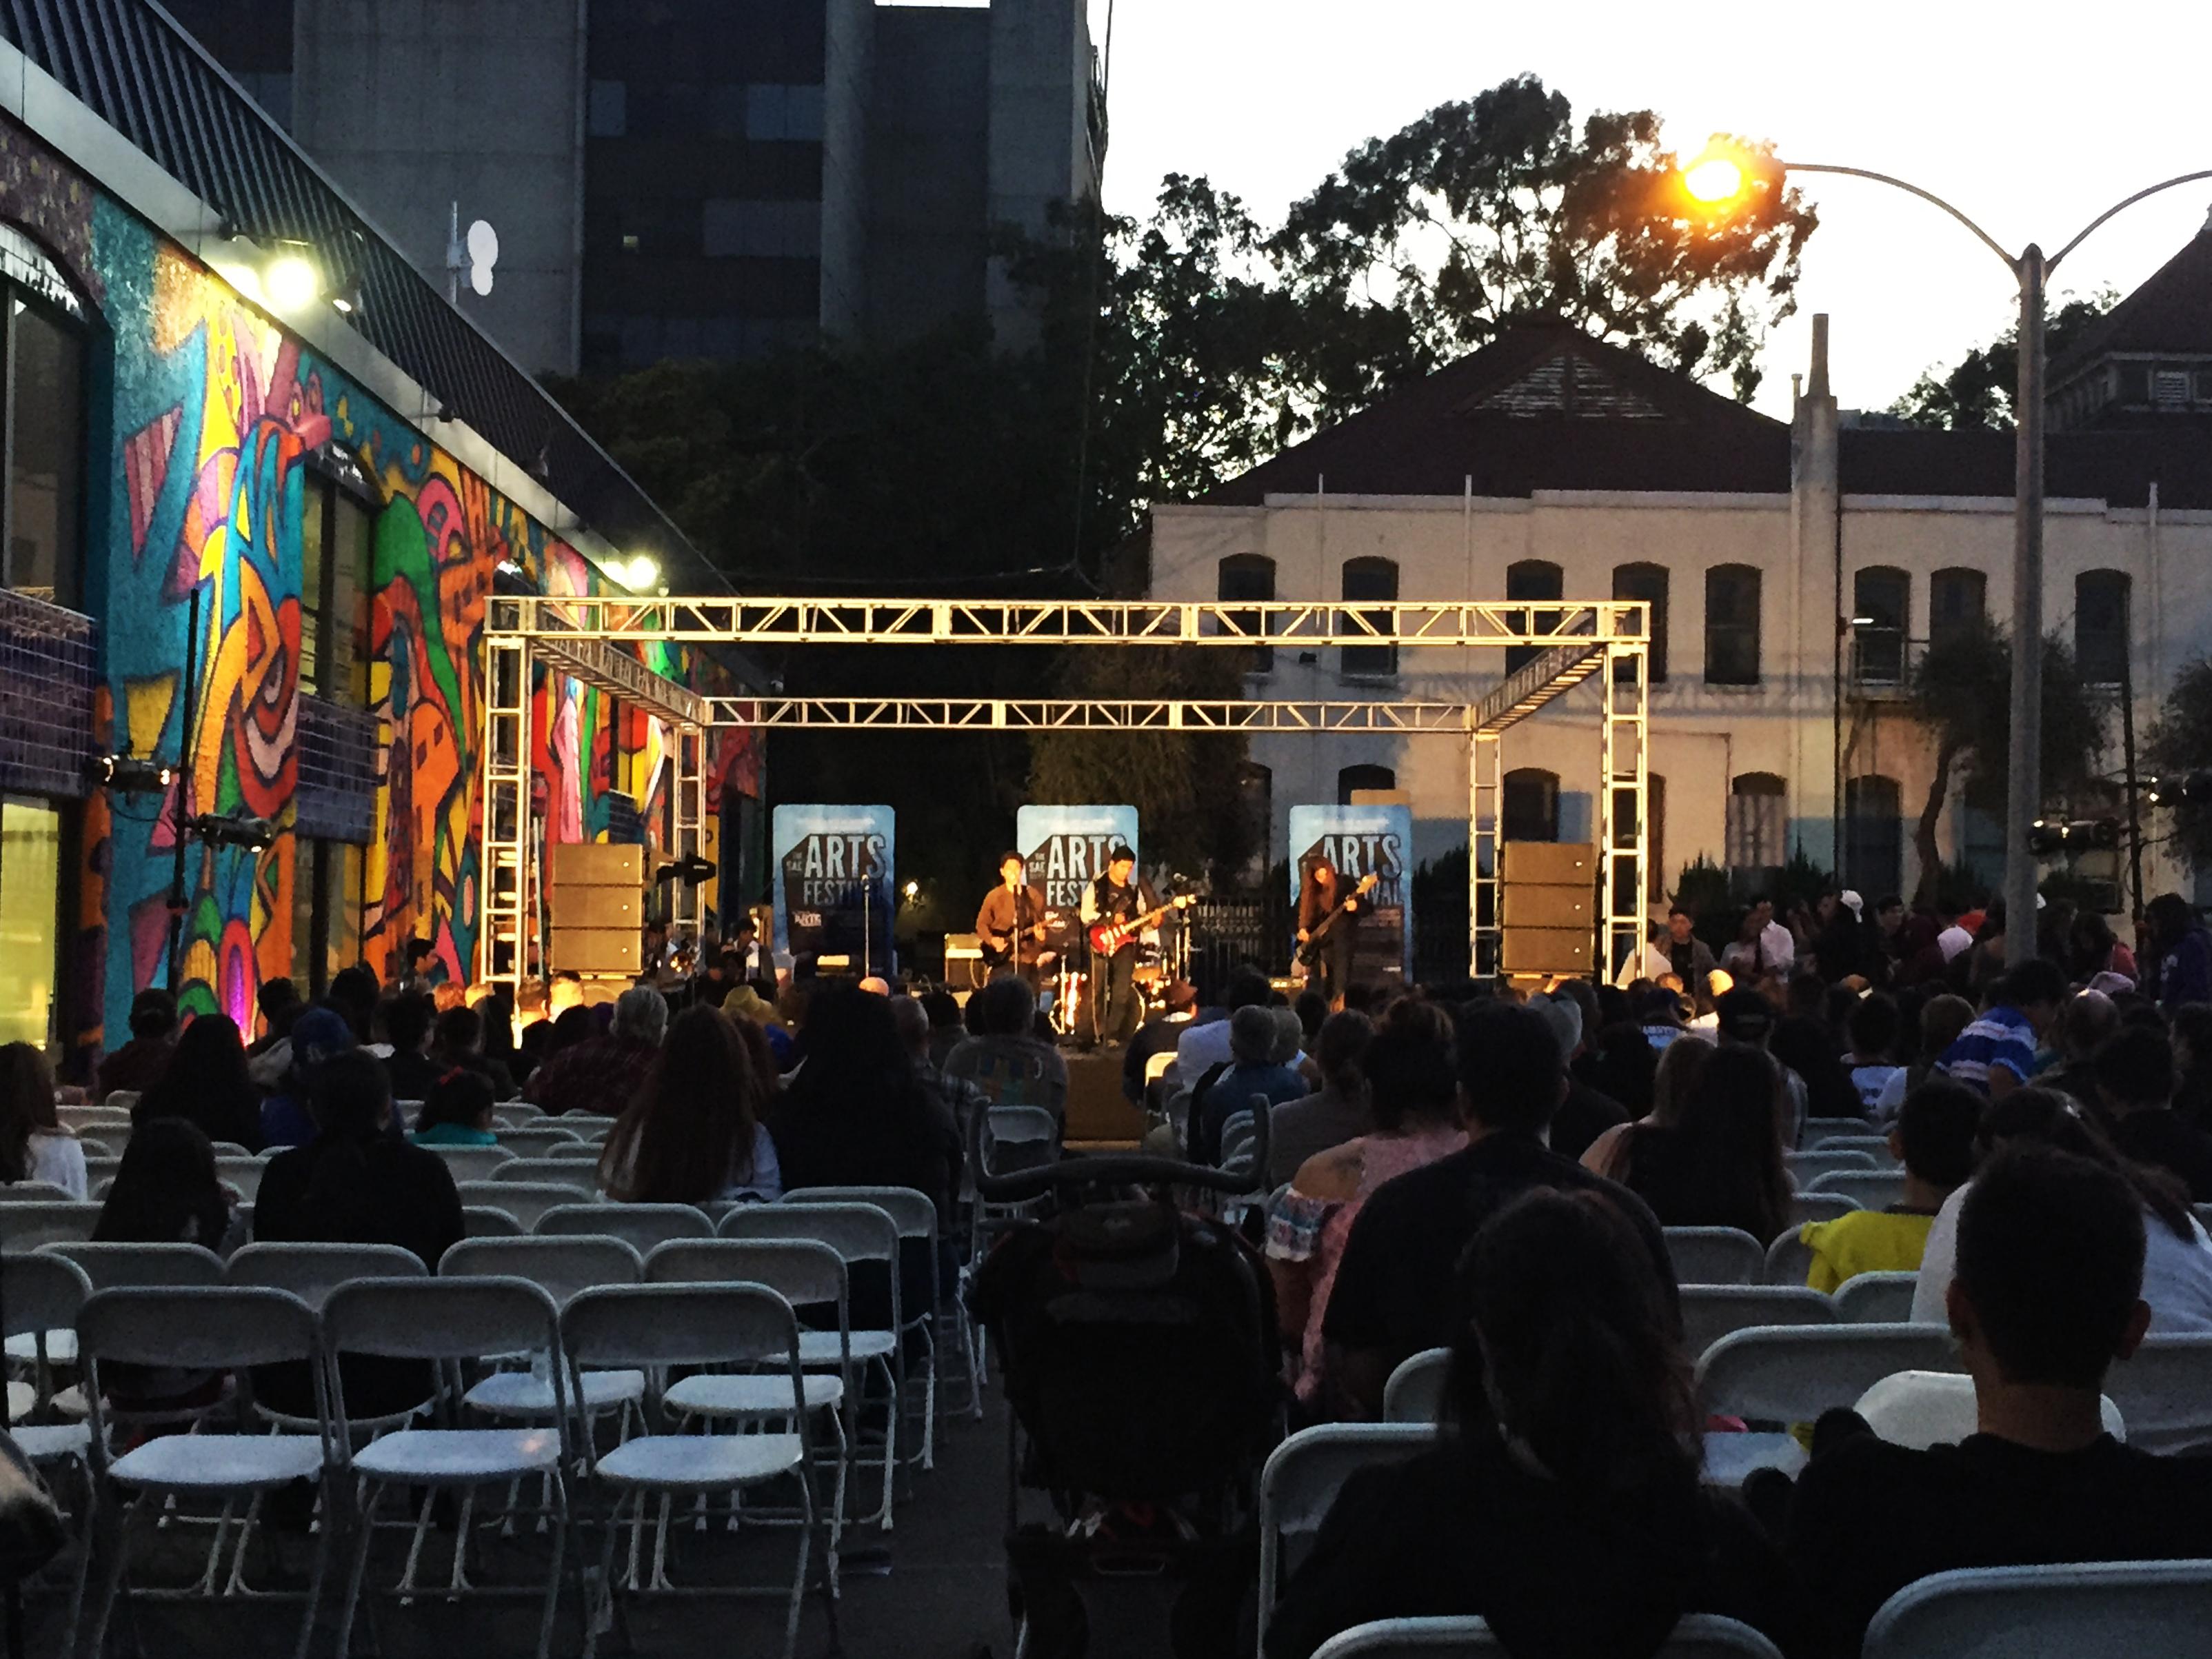 The SAE Arts Festival